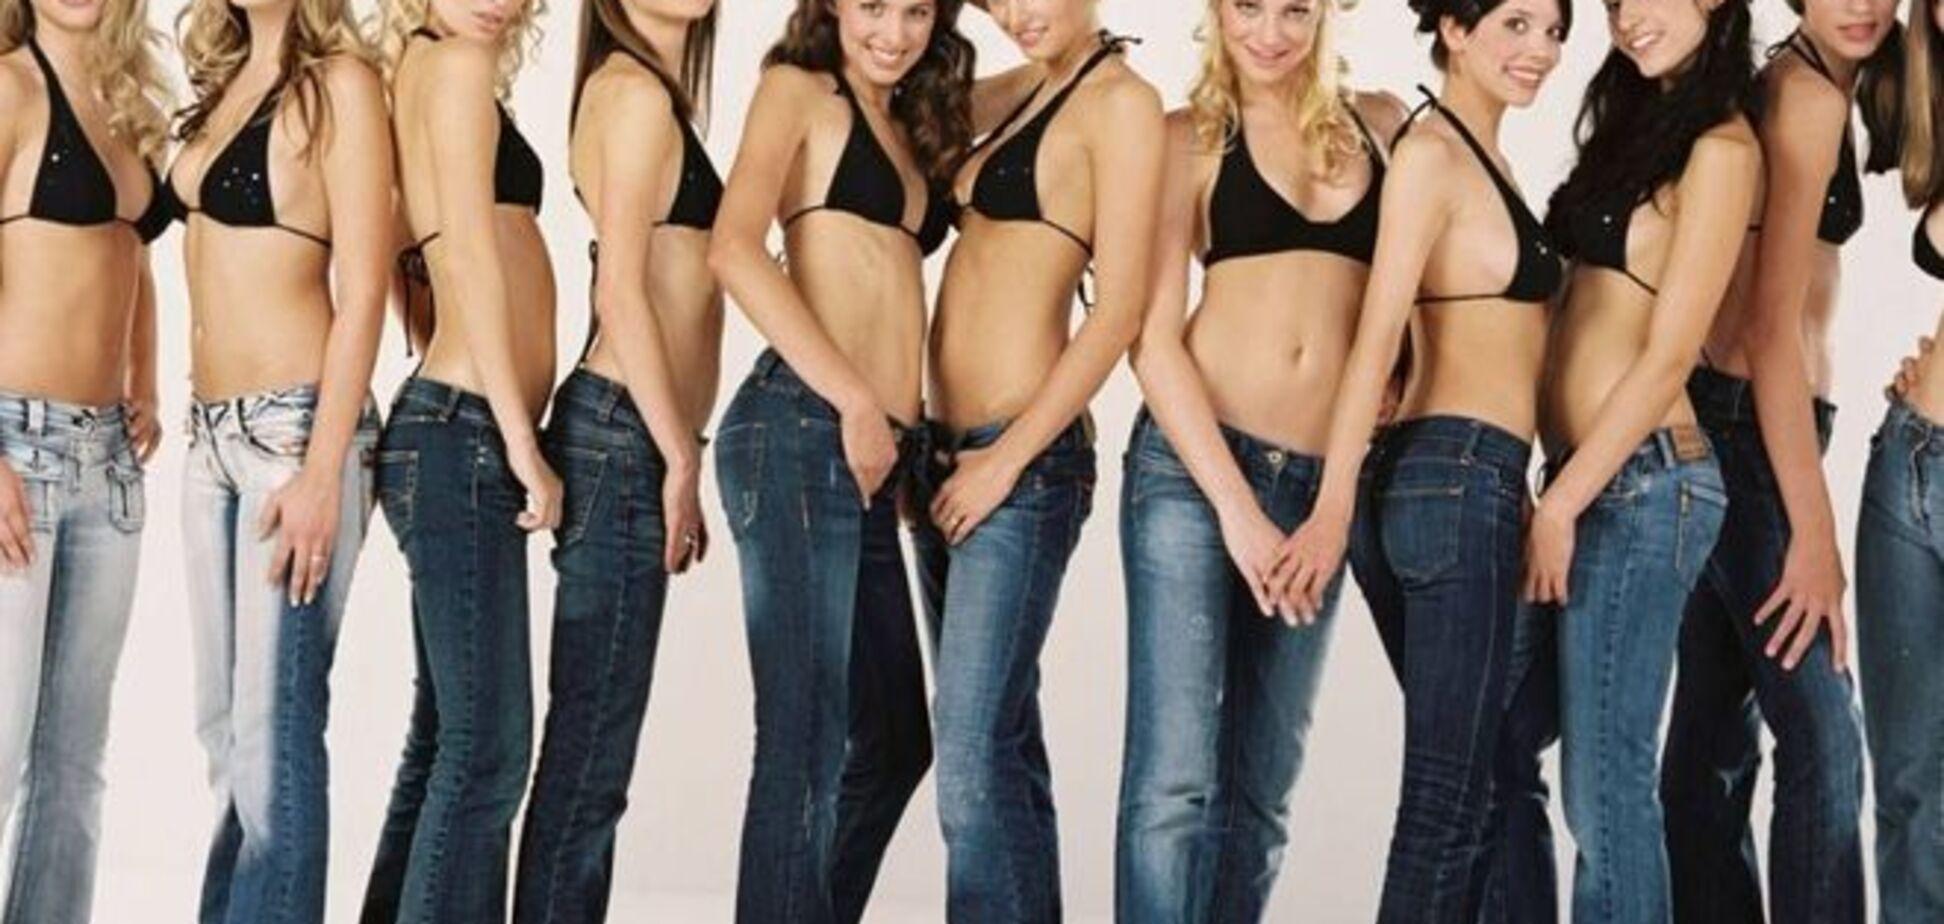 Кавказские ученые заявили, что женщины в джинсах вызывают землетрясения